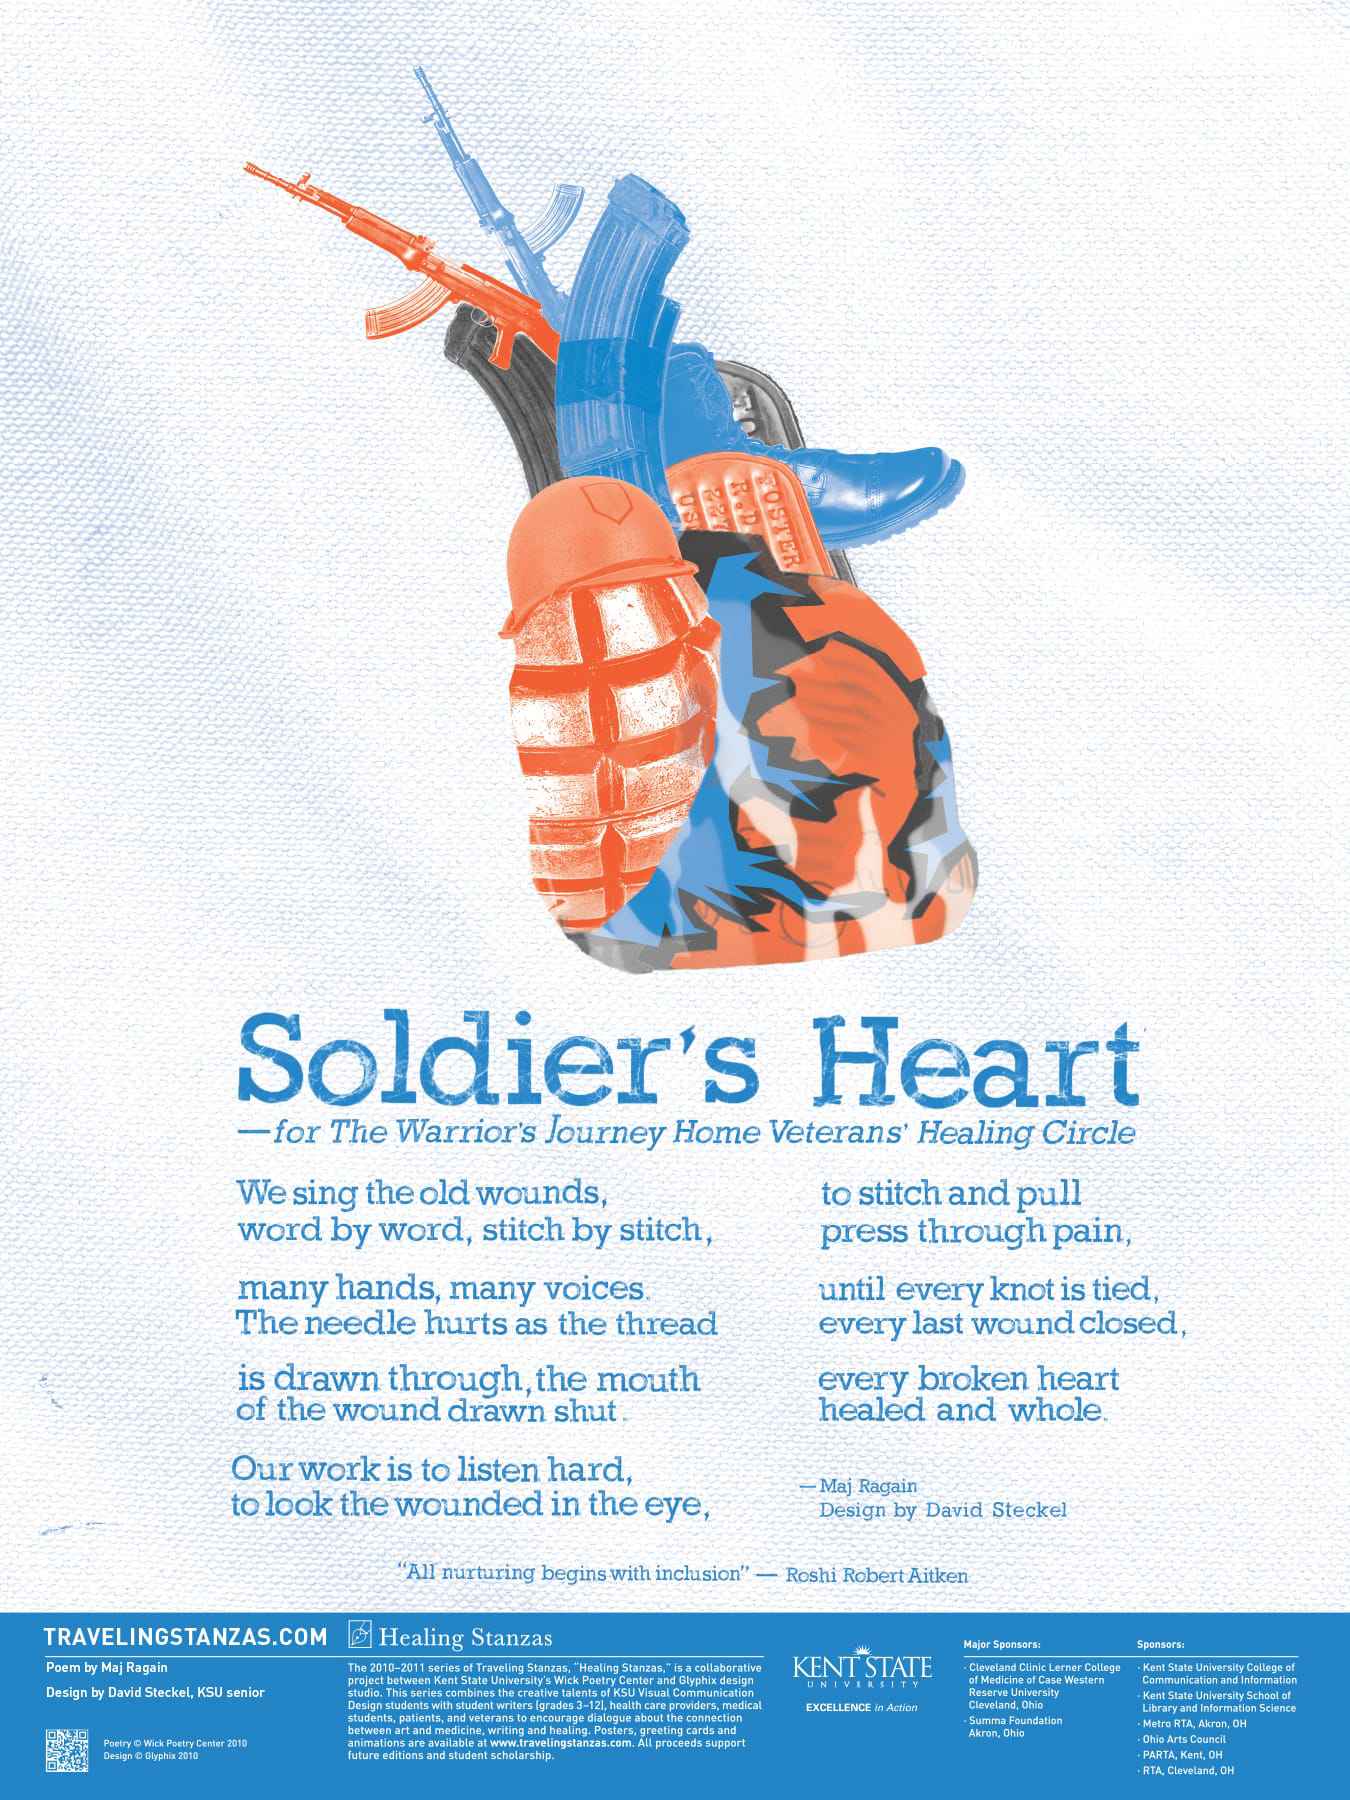 SoldiersHeart-Ragain-Poster